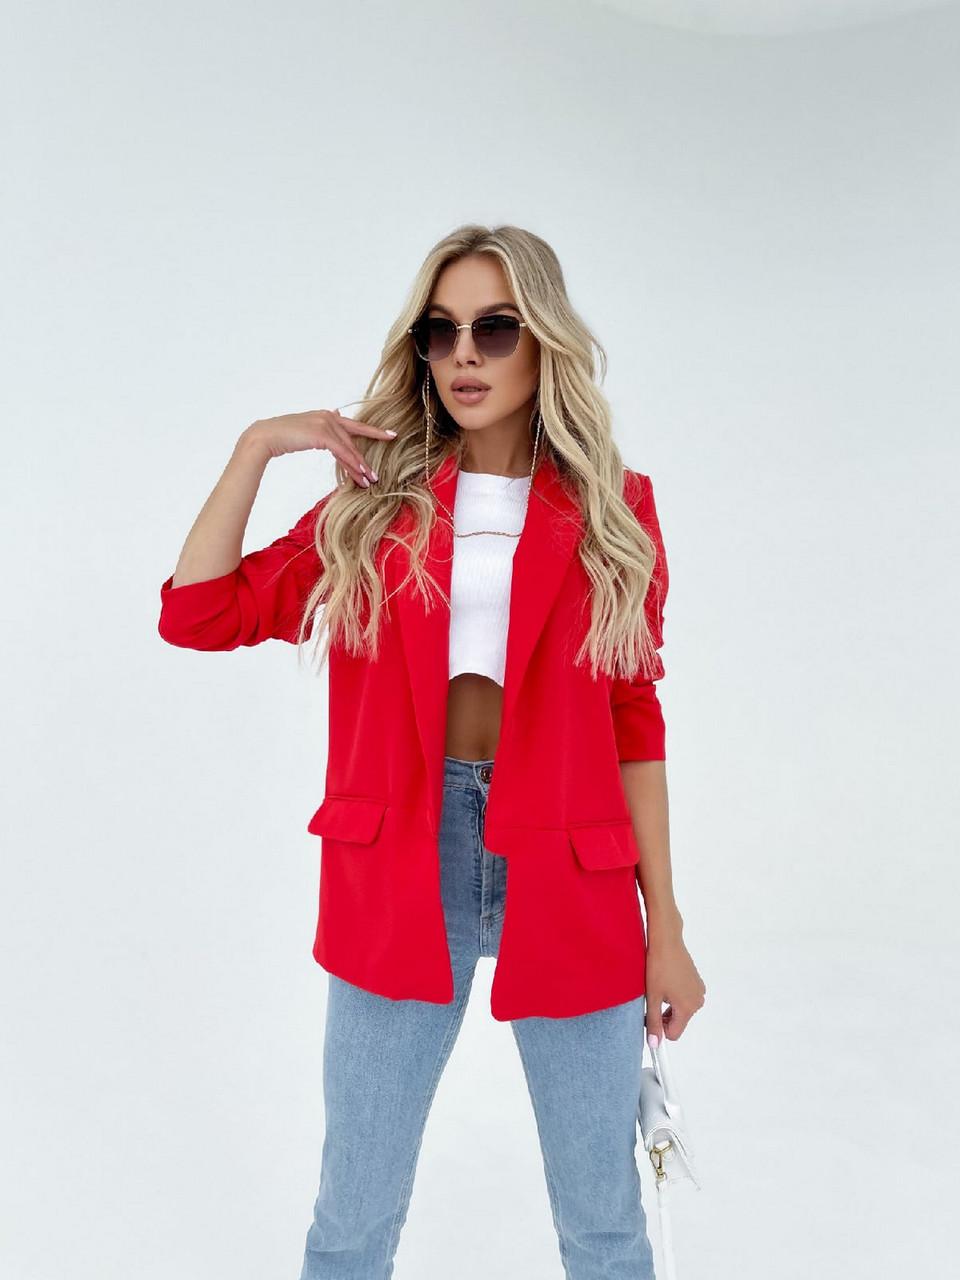 Модний жіночий піджак з підплечниками з двома кишенями, 00906 (Червоний), Розмір 42 (S)